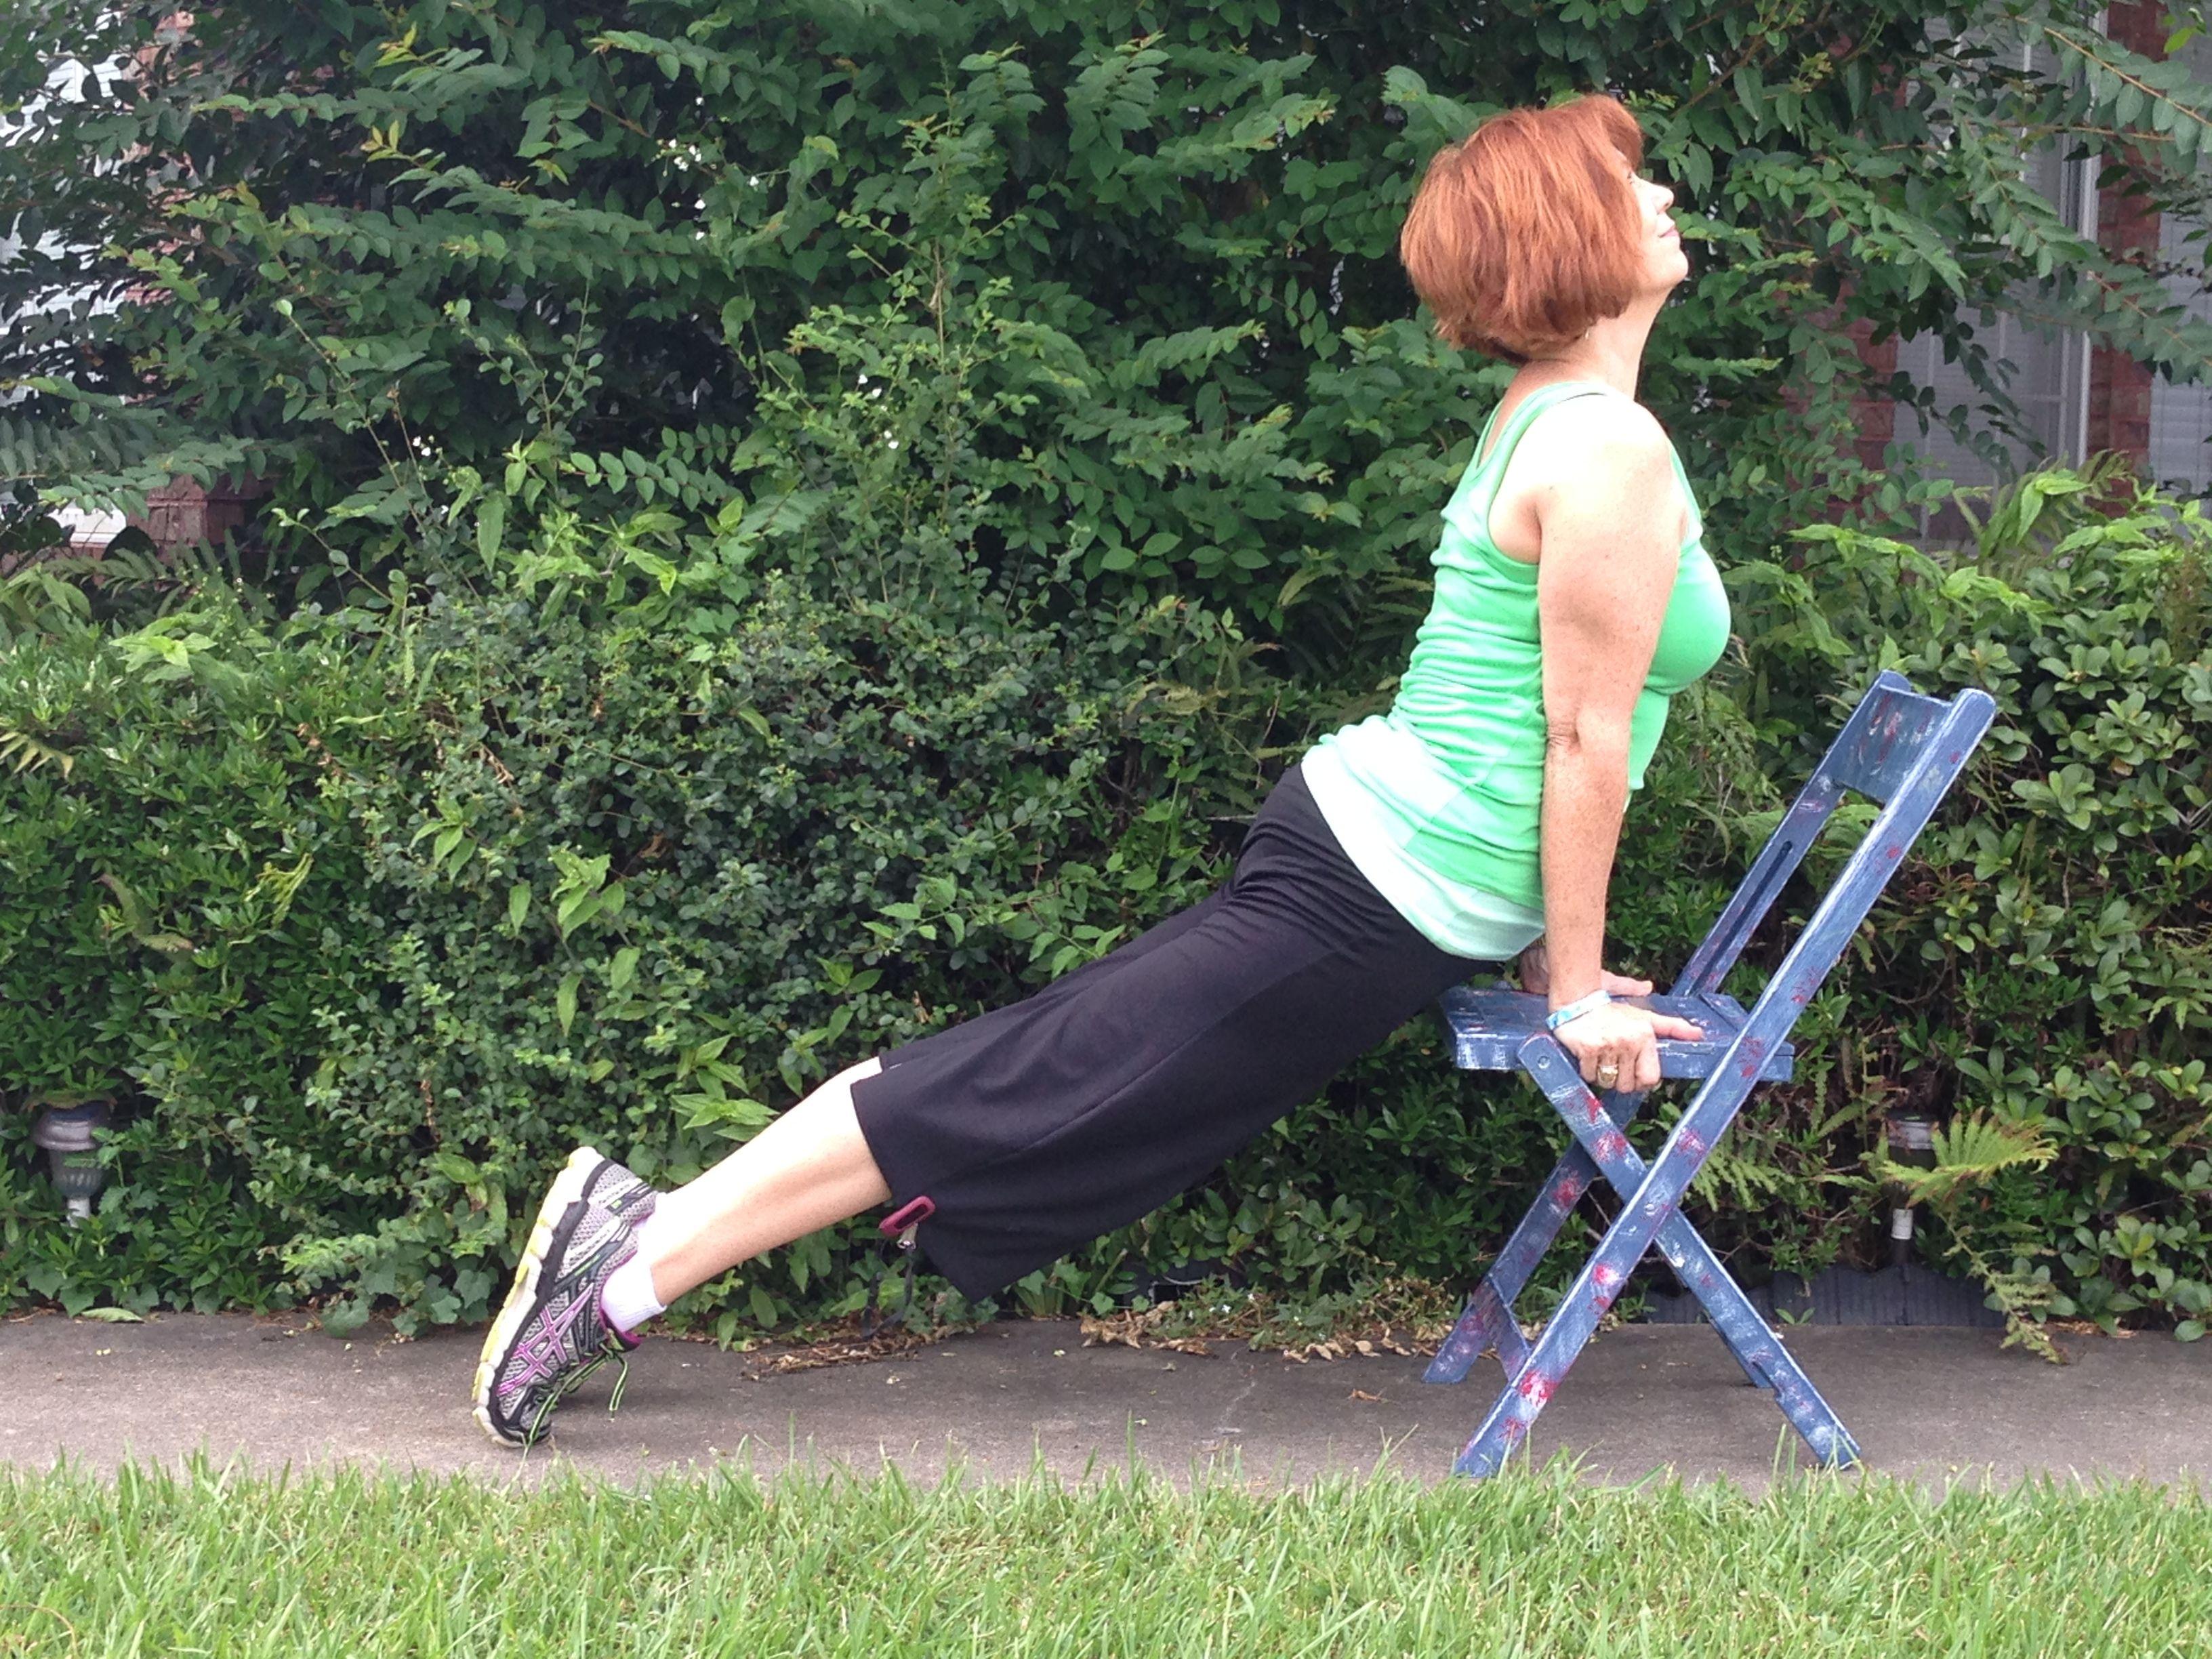 Printable chair yoga poses - Printable Chair Yoga Poses 53